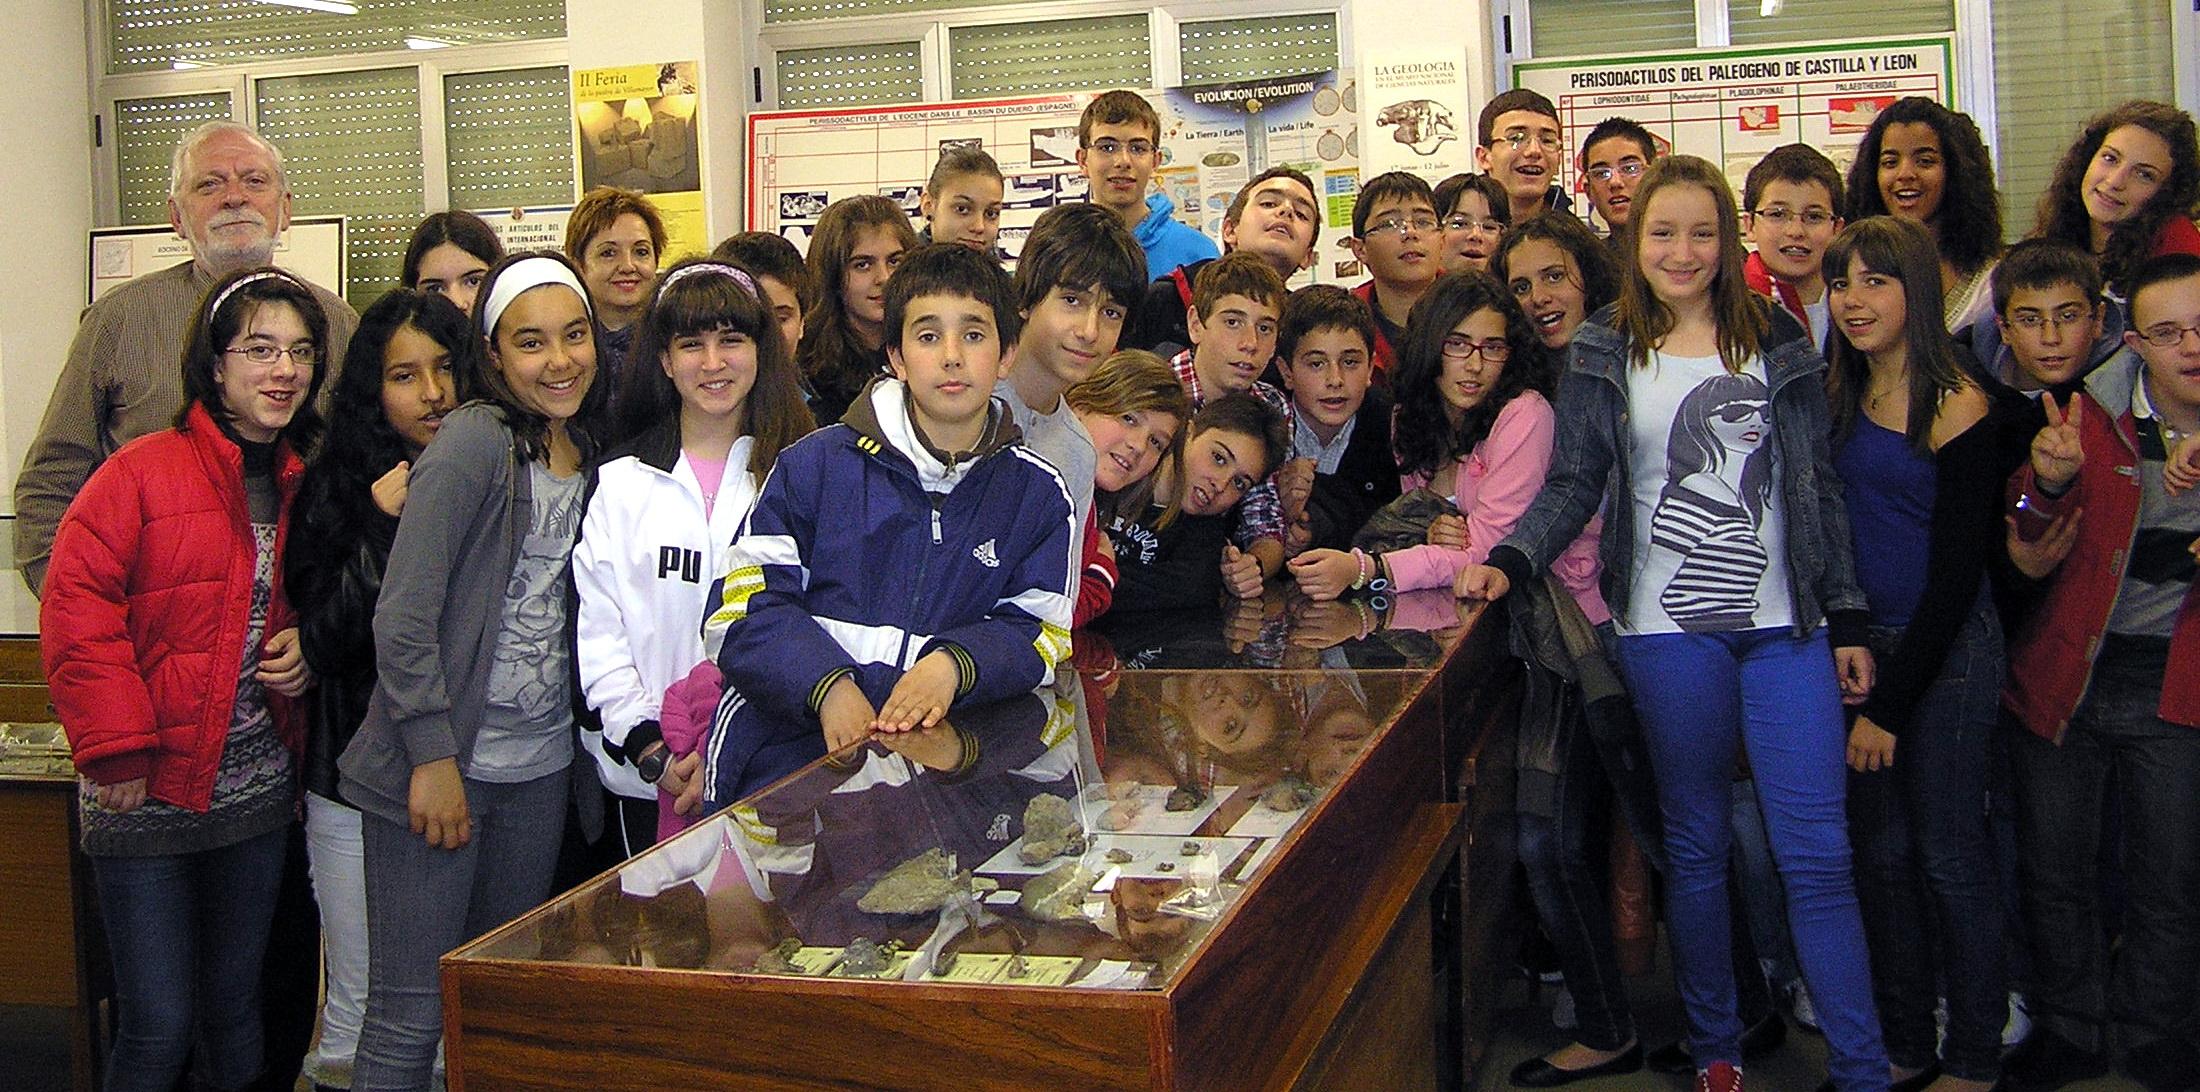 Concluido el ciclo de visitas a la Sala de las Tortugas de la Universidad con los colegios salmantinos La Milagrosa y Virgen de la Vega